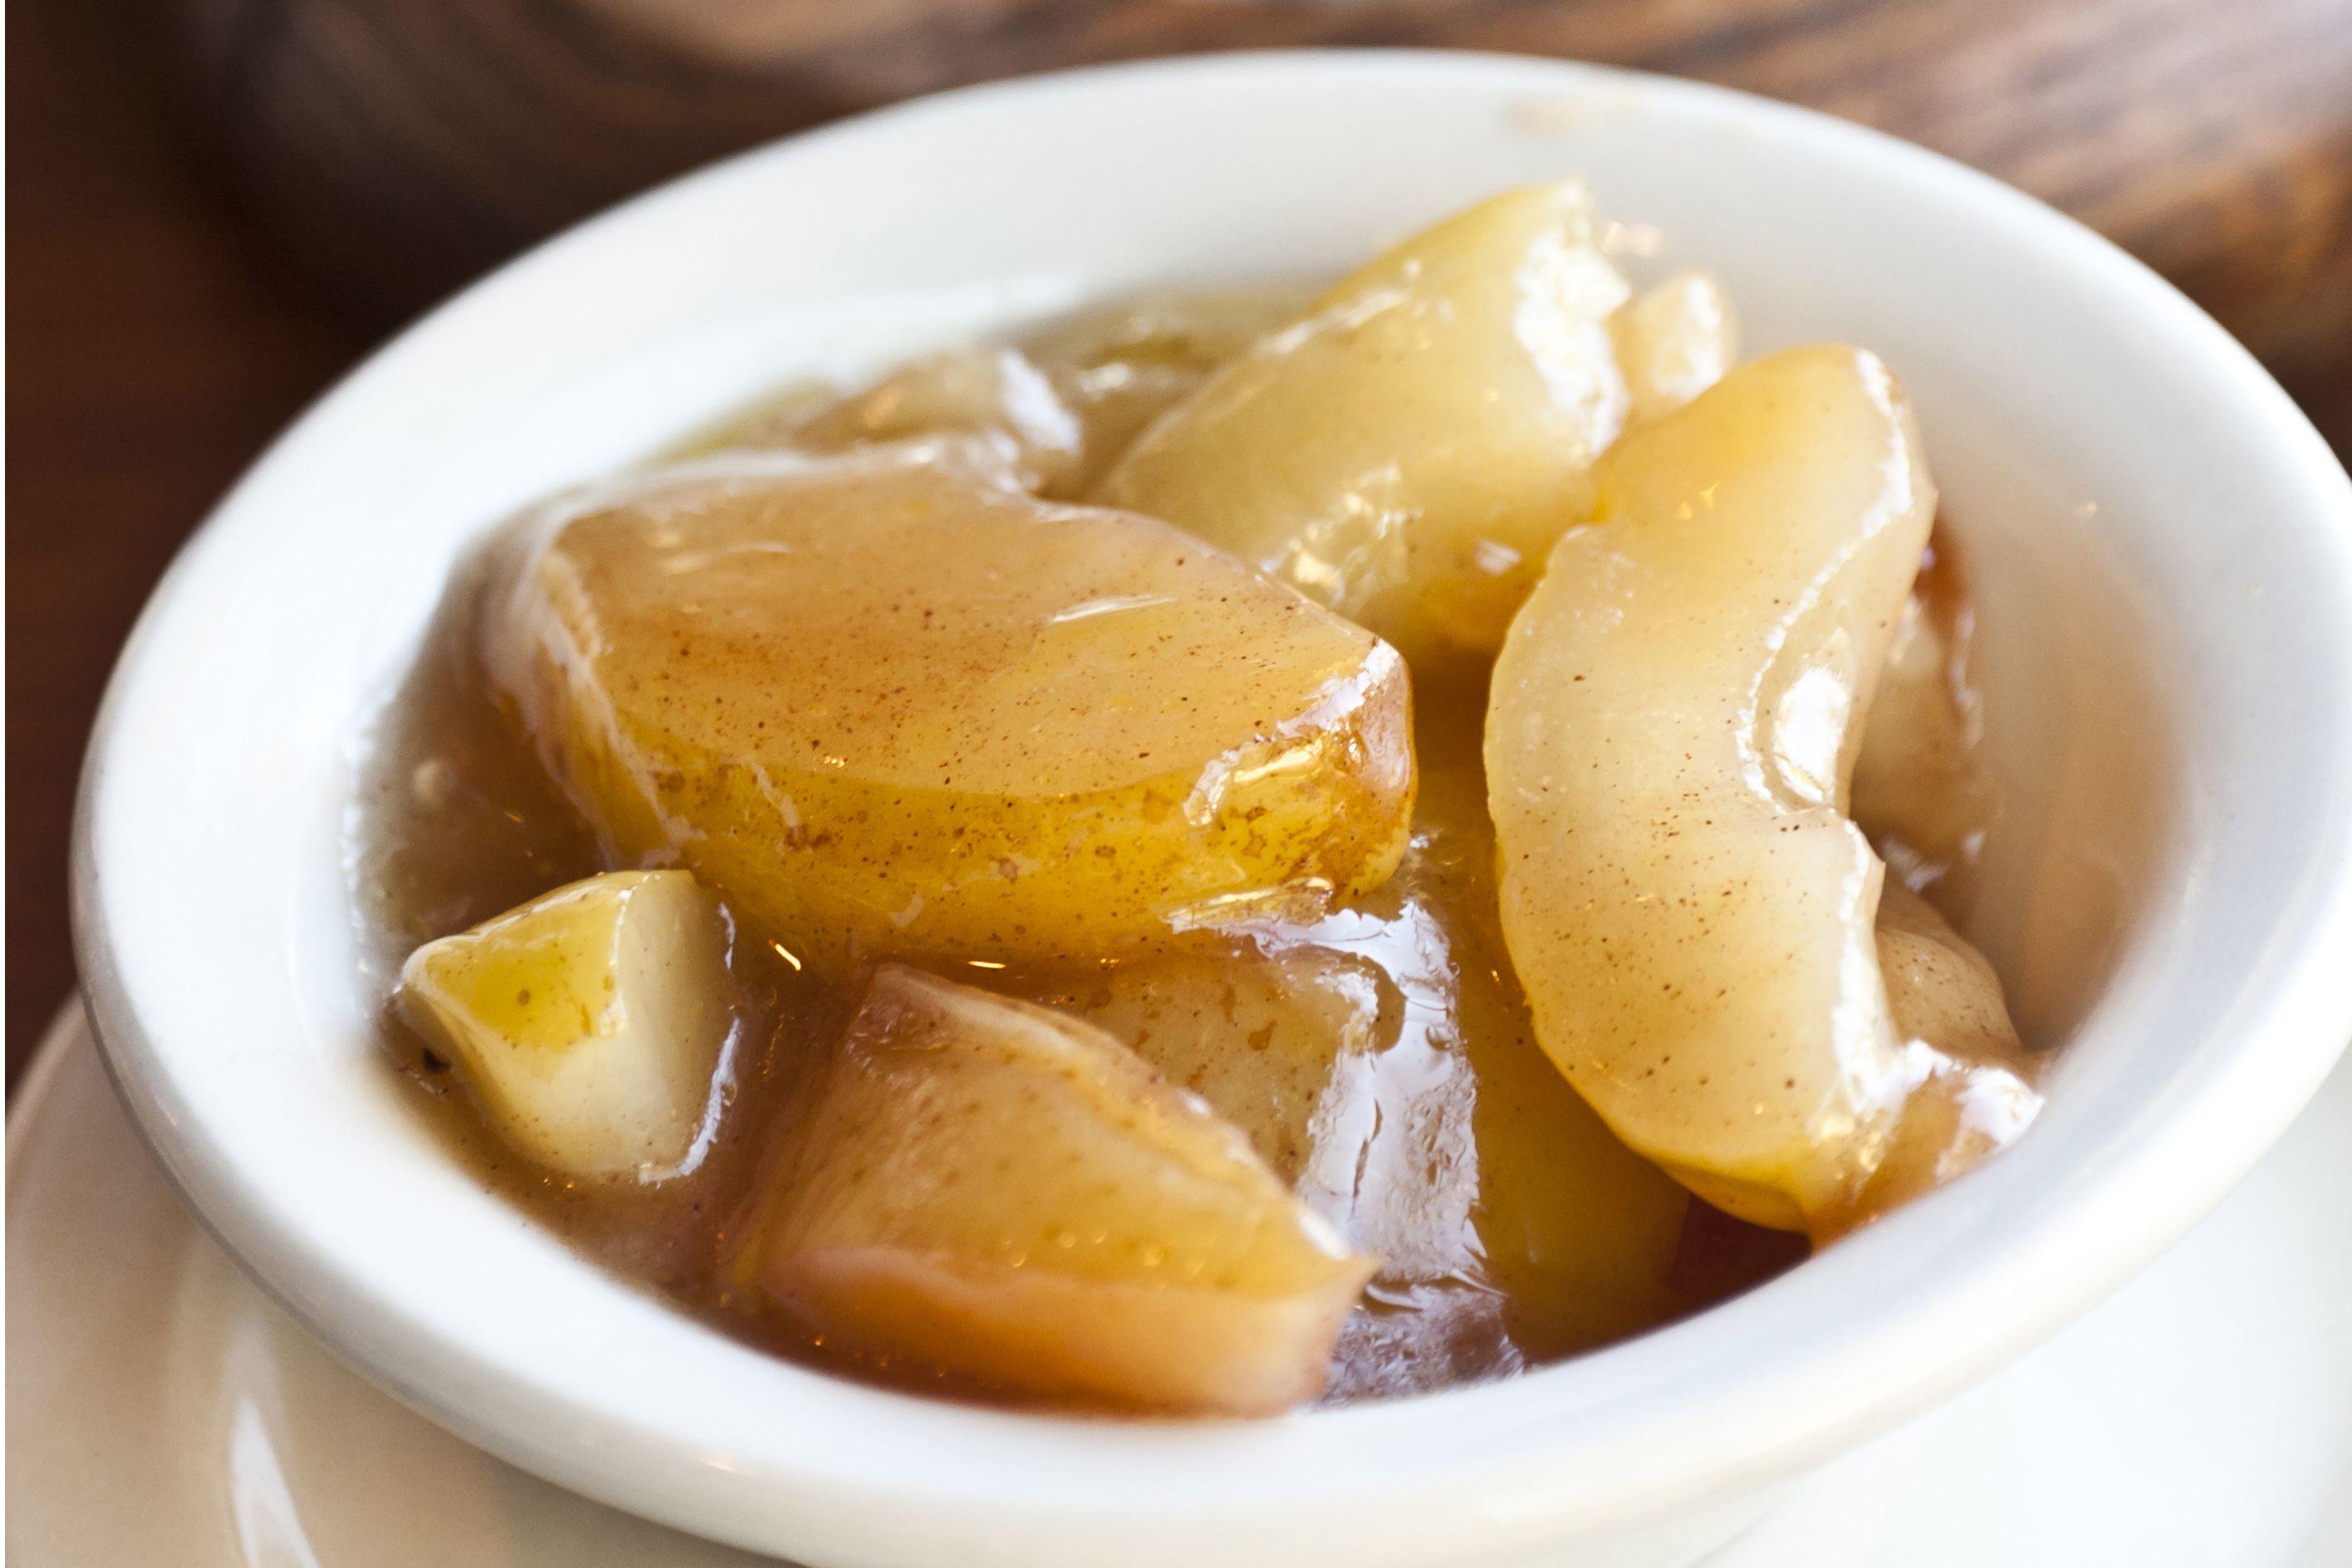 Saut 233 Ed Apples Recipe